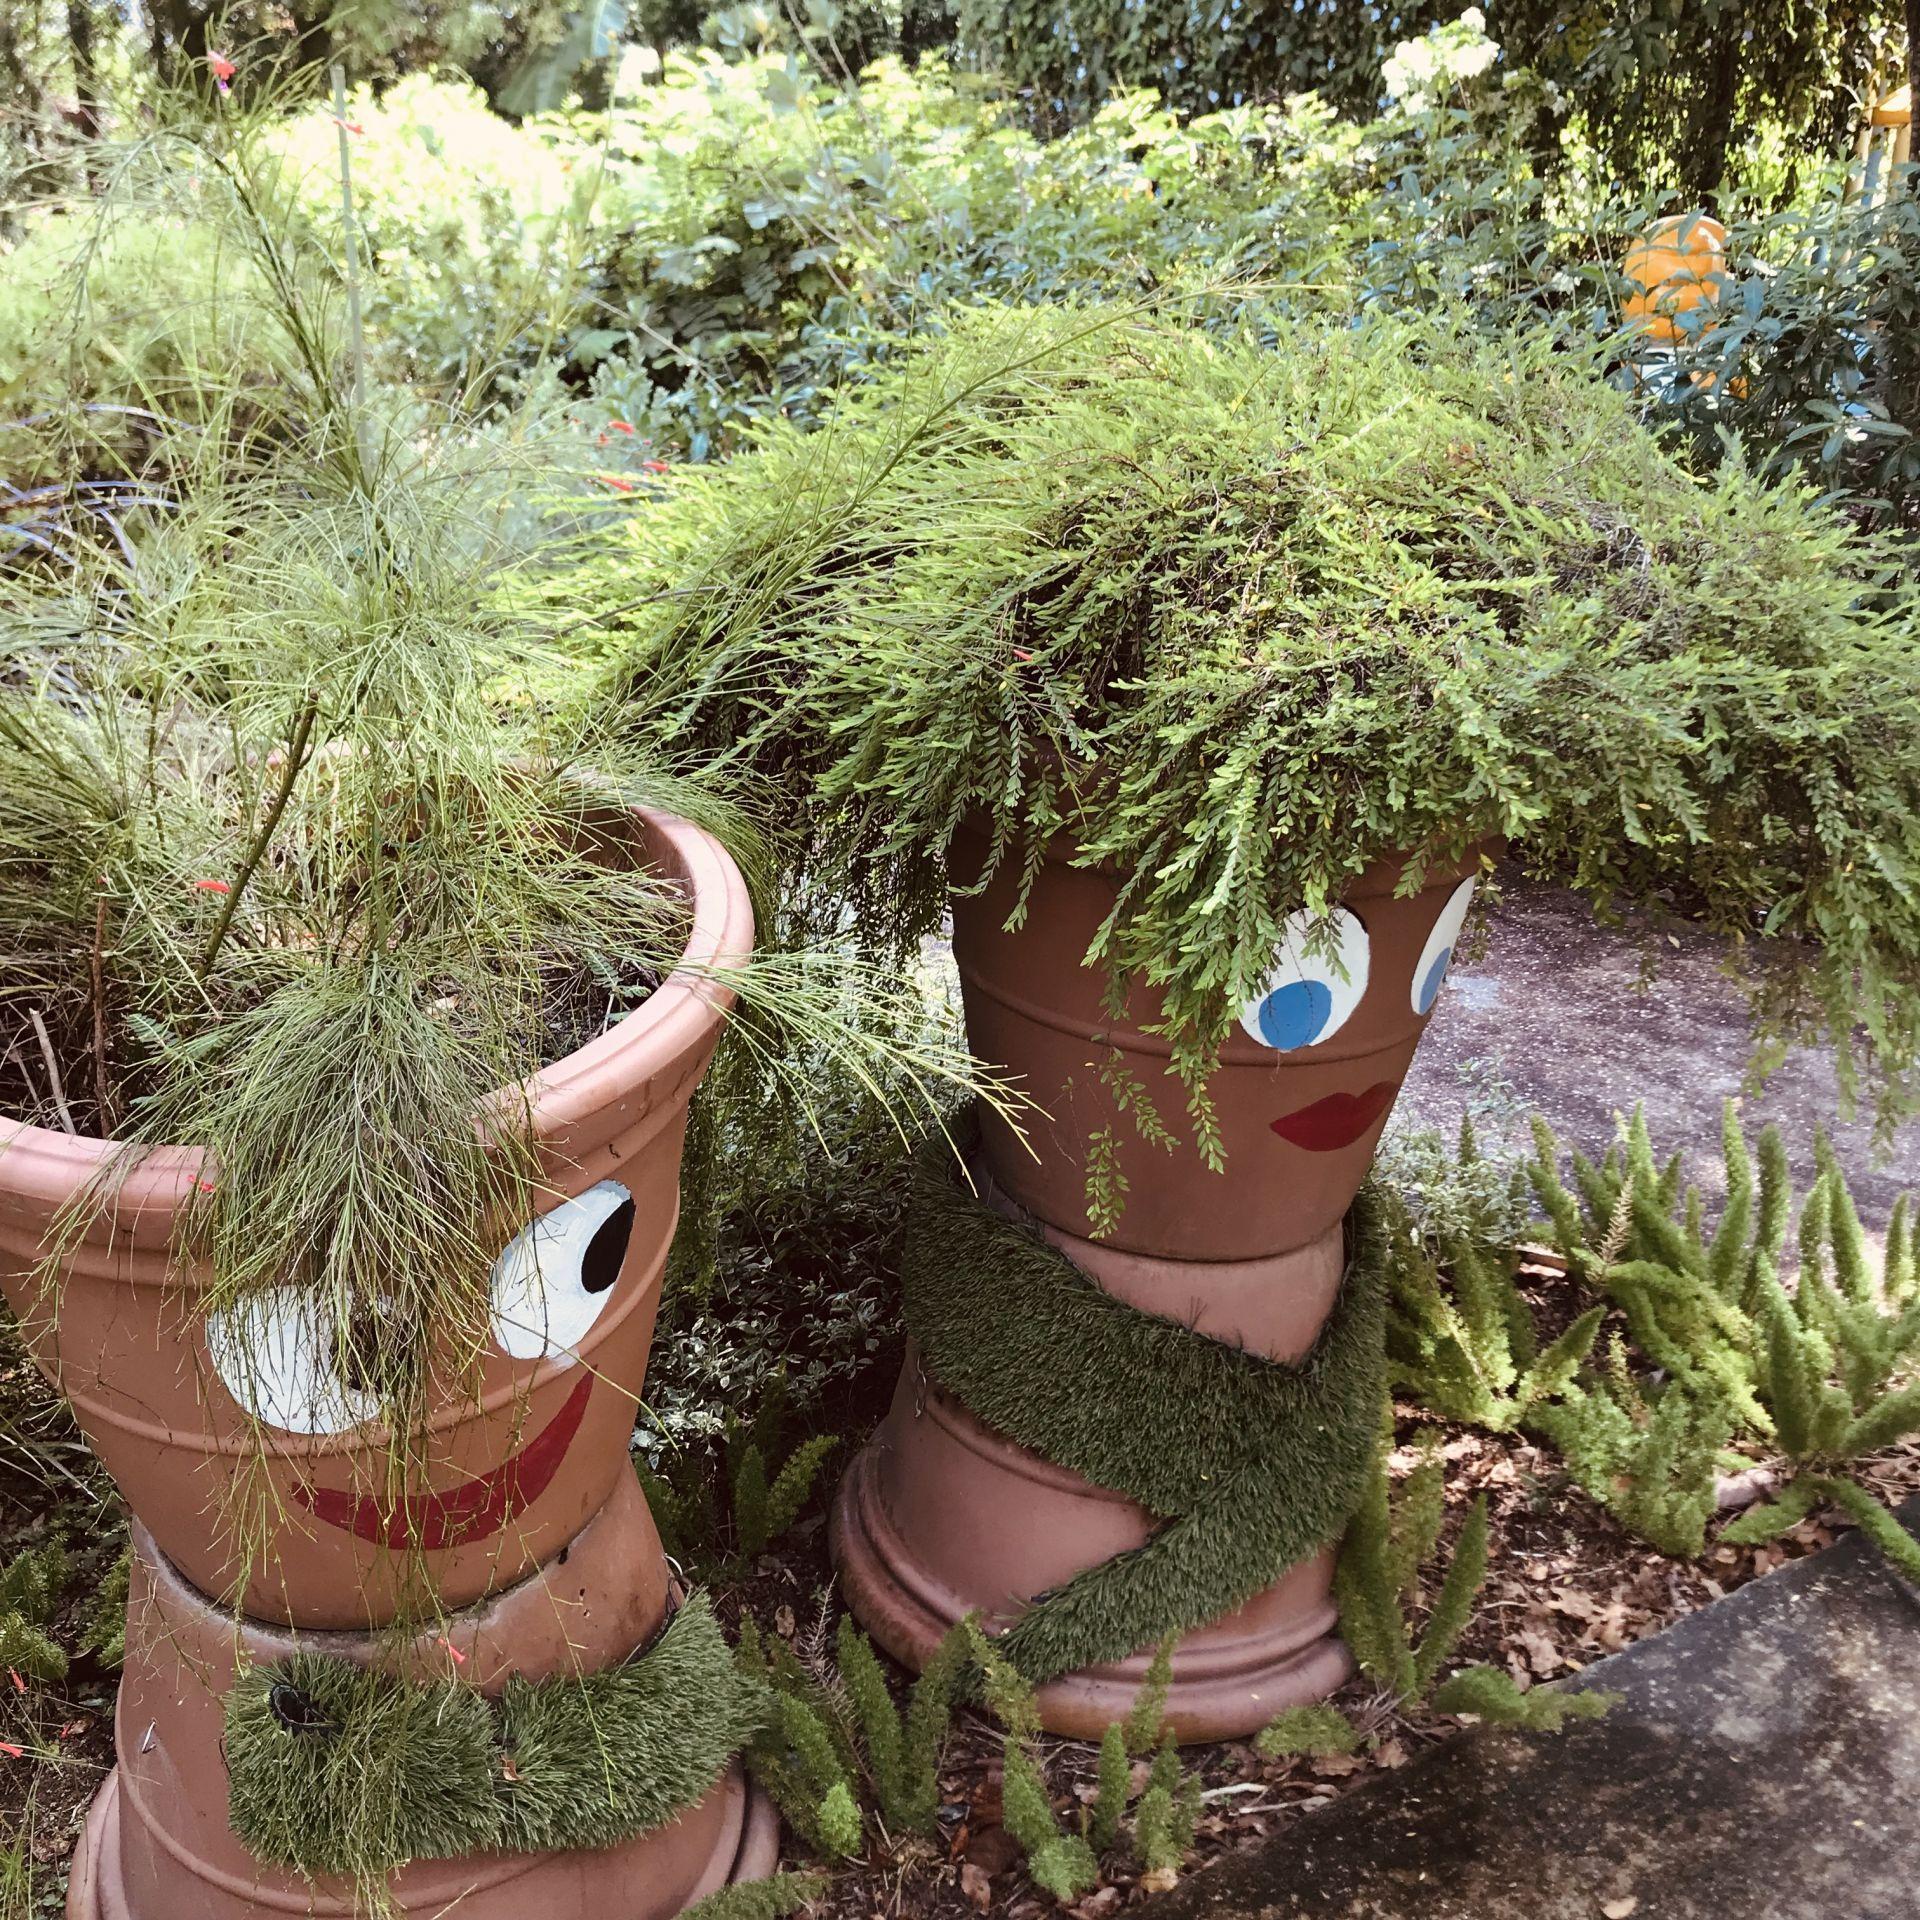 Flowerpots-Hort-Park